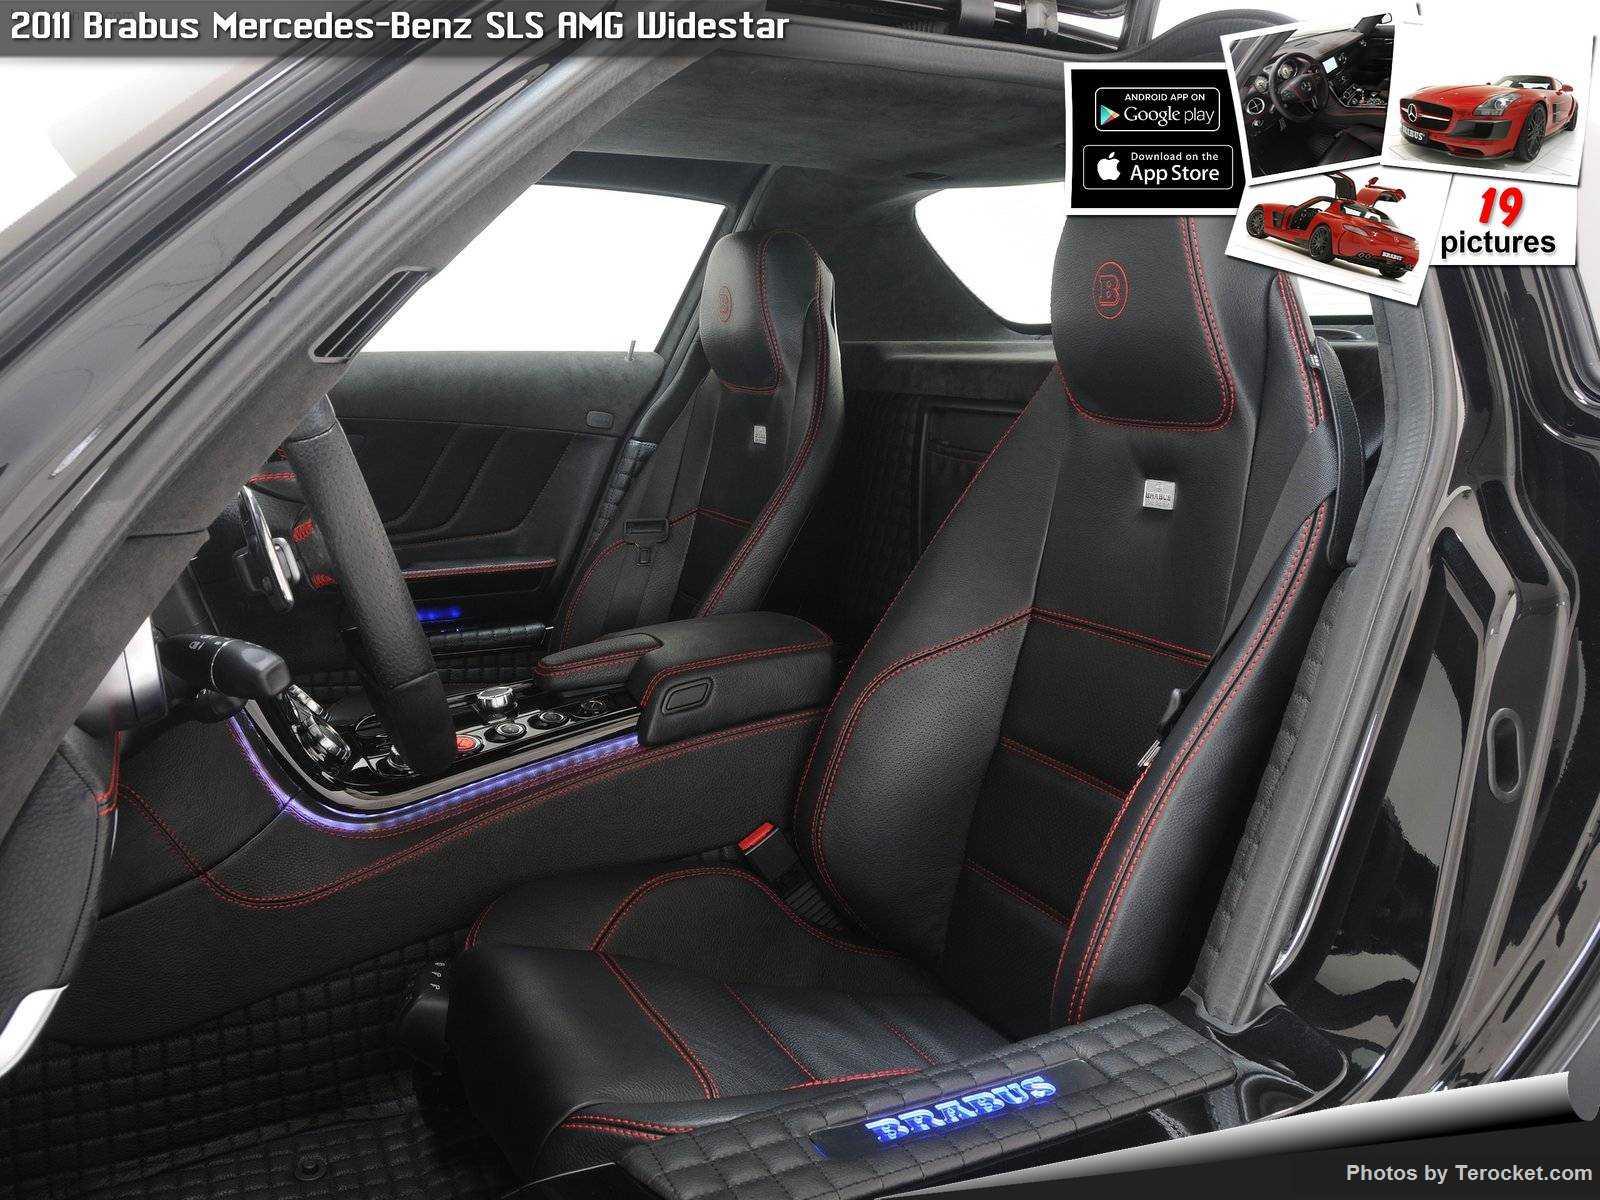 Hình ảnh xe ô tô Brabus Mercedes-Benz SLS AMG Widestar 2011 & nội ngoại thất